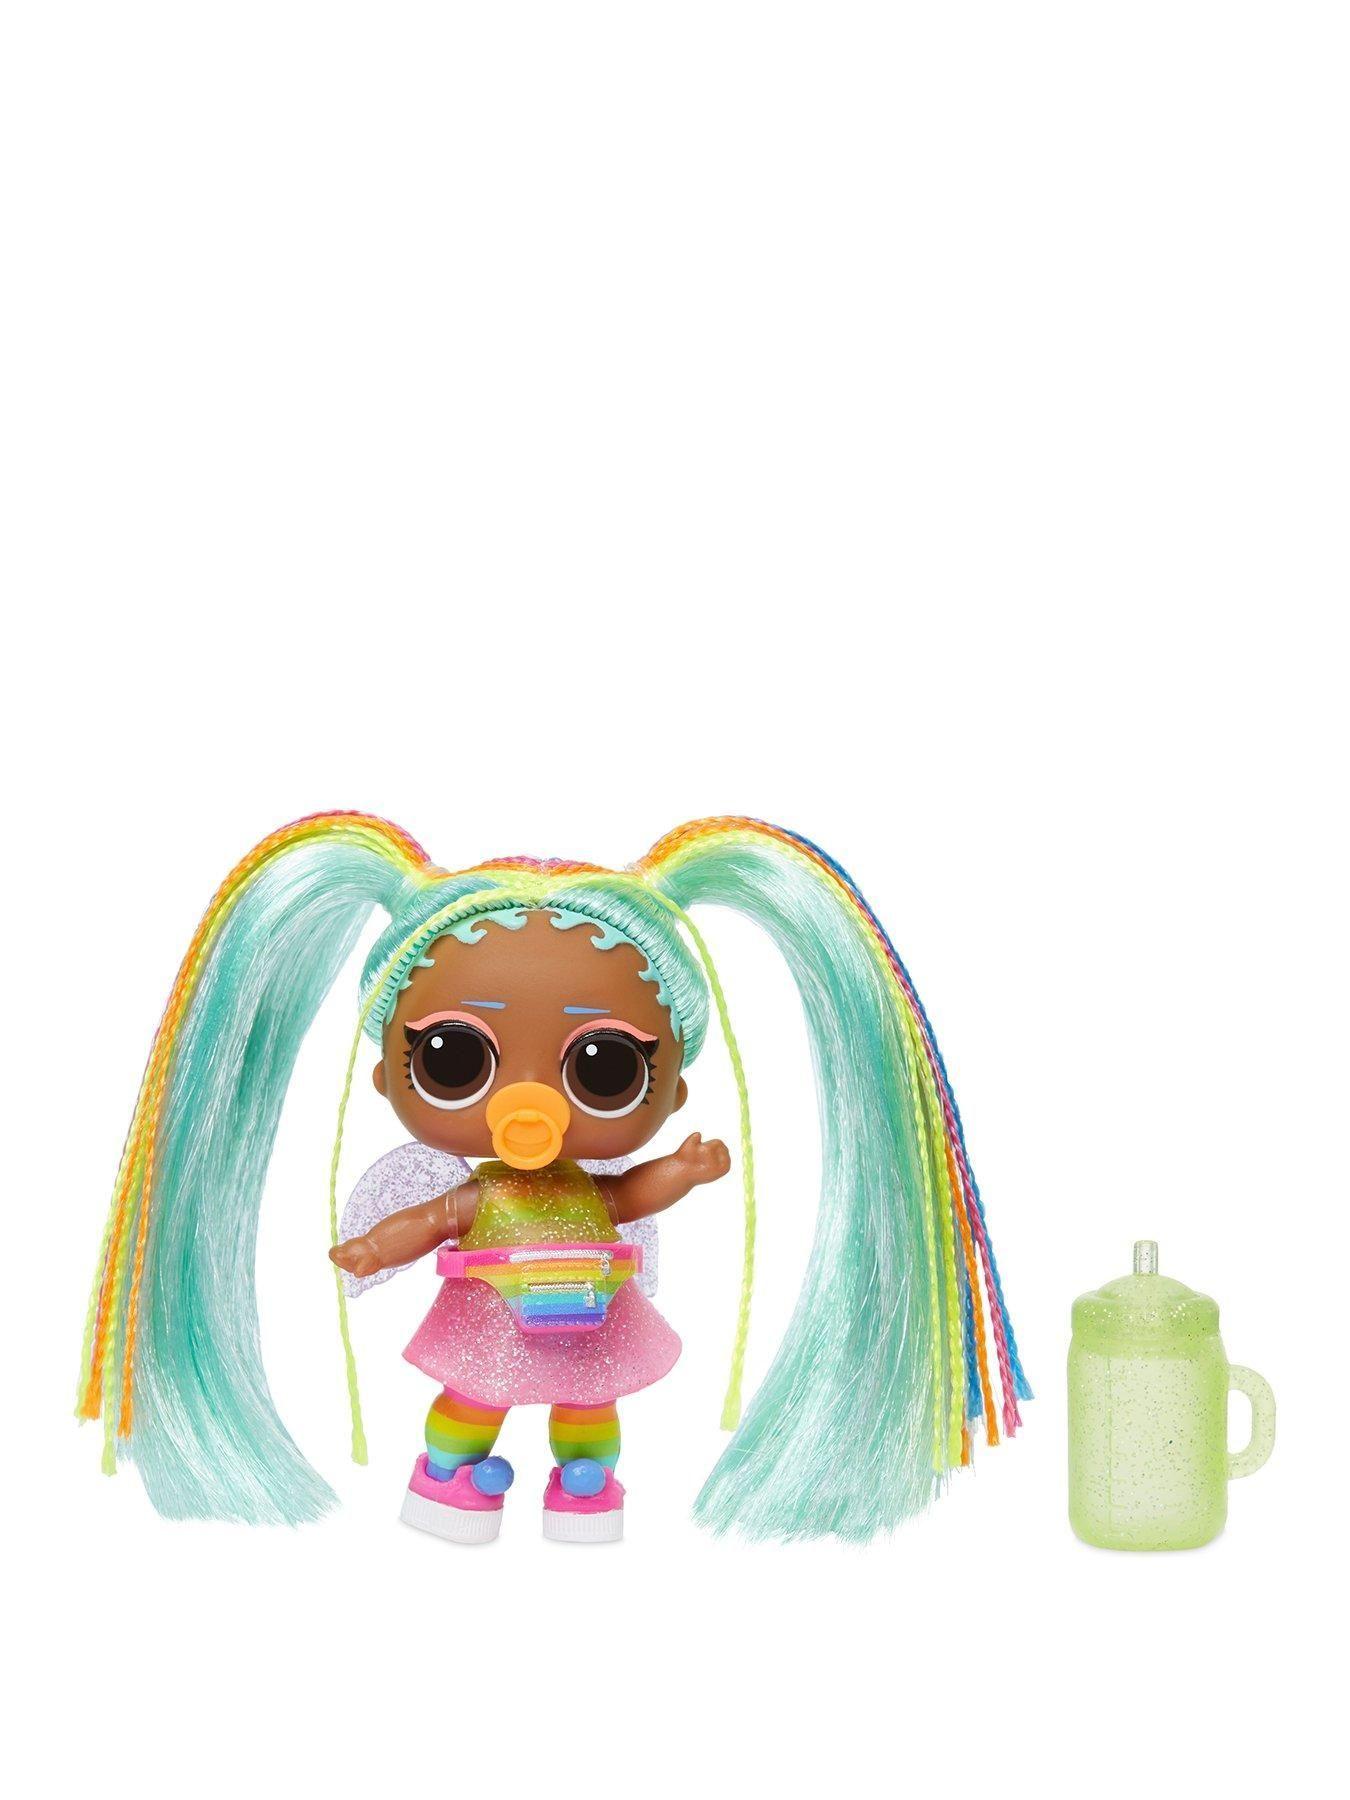 Lol Dolls Diylist Net Lol Dolls Dolls Toy Cars For Kids